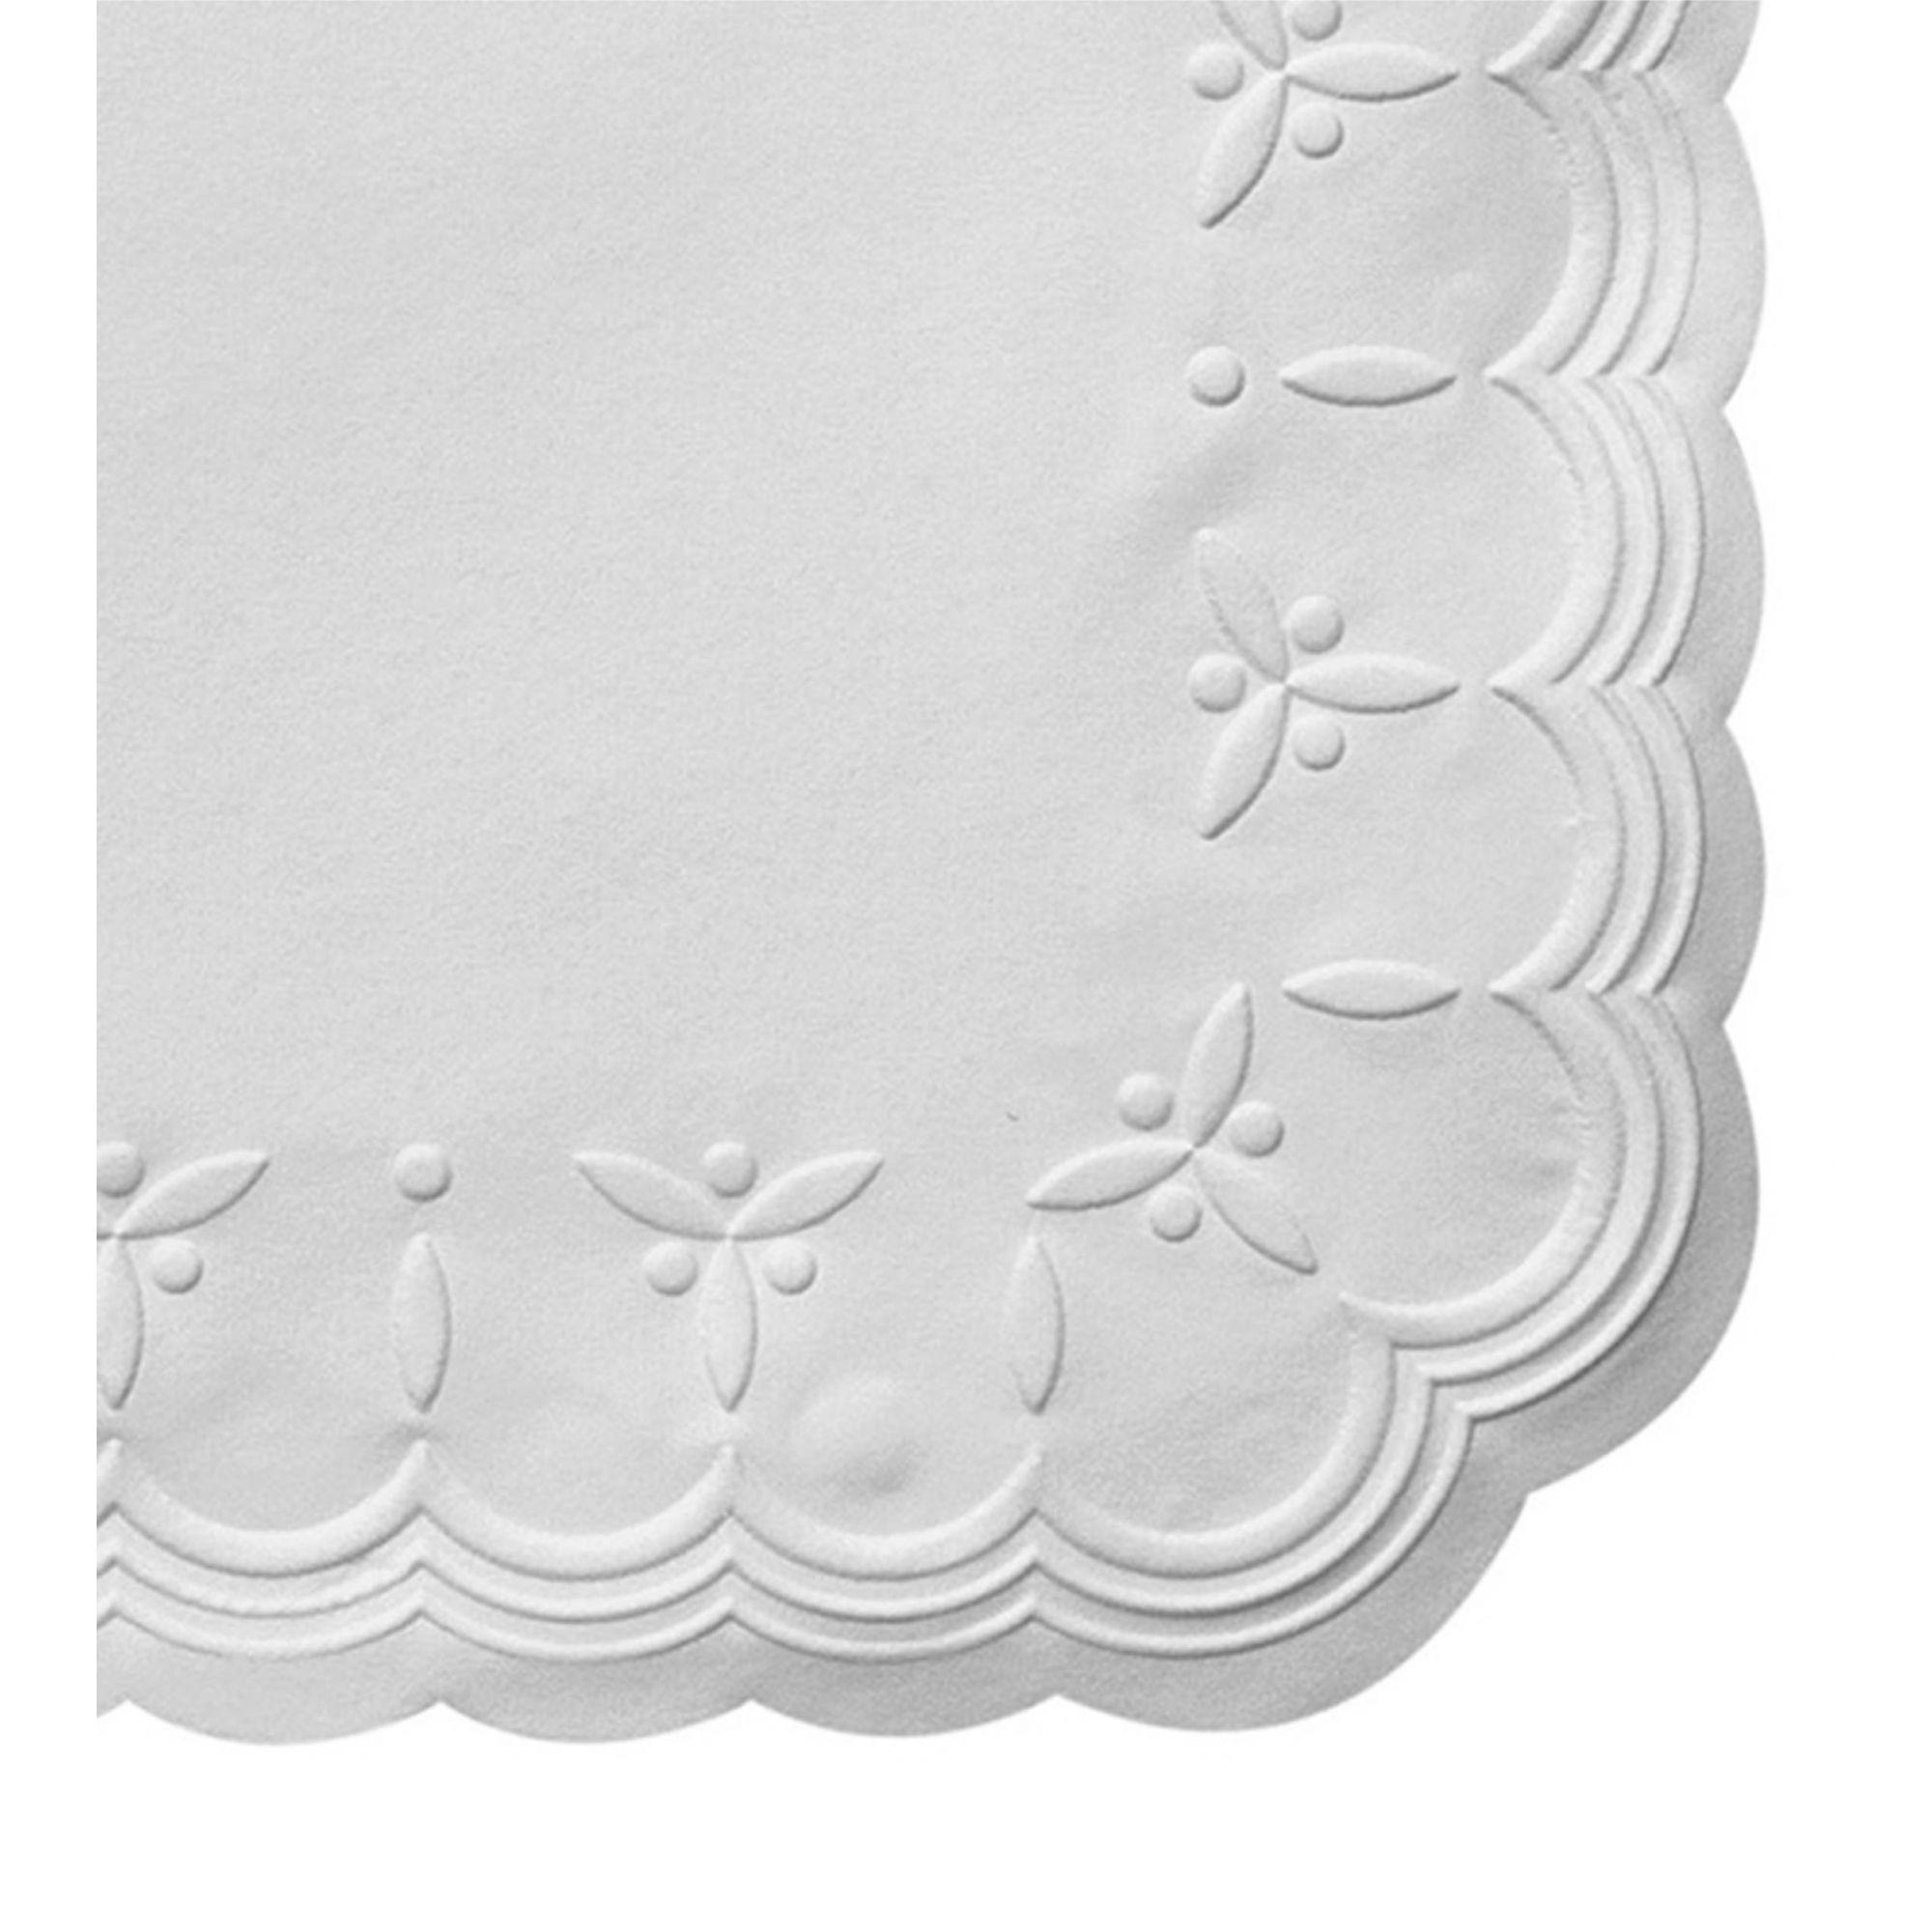 Guardanapo papel jantar master branco Trevo 40x40 - 100 unid  - Persona Guardanapos & Cia